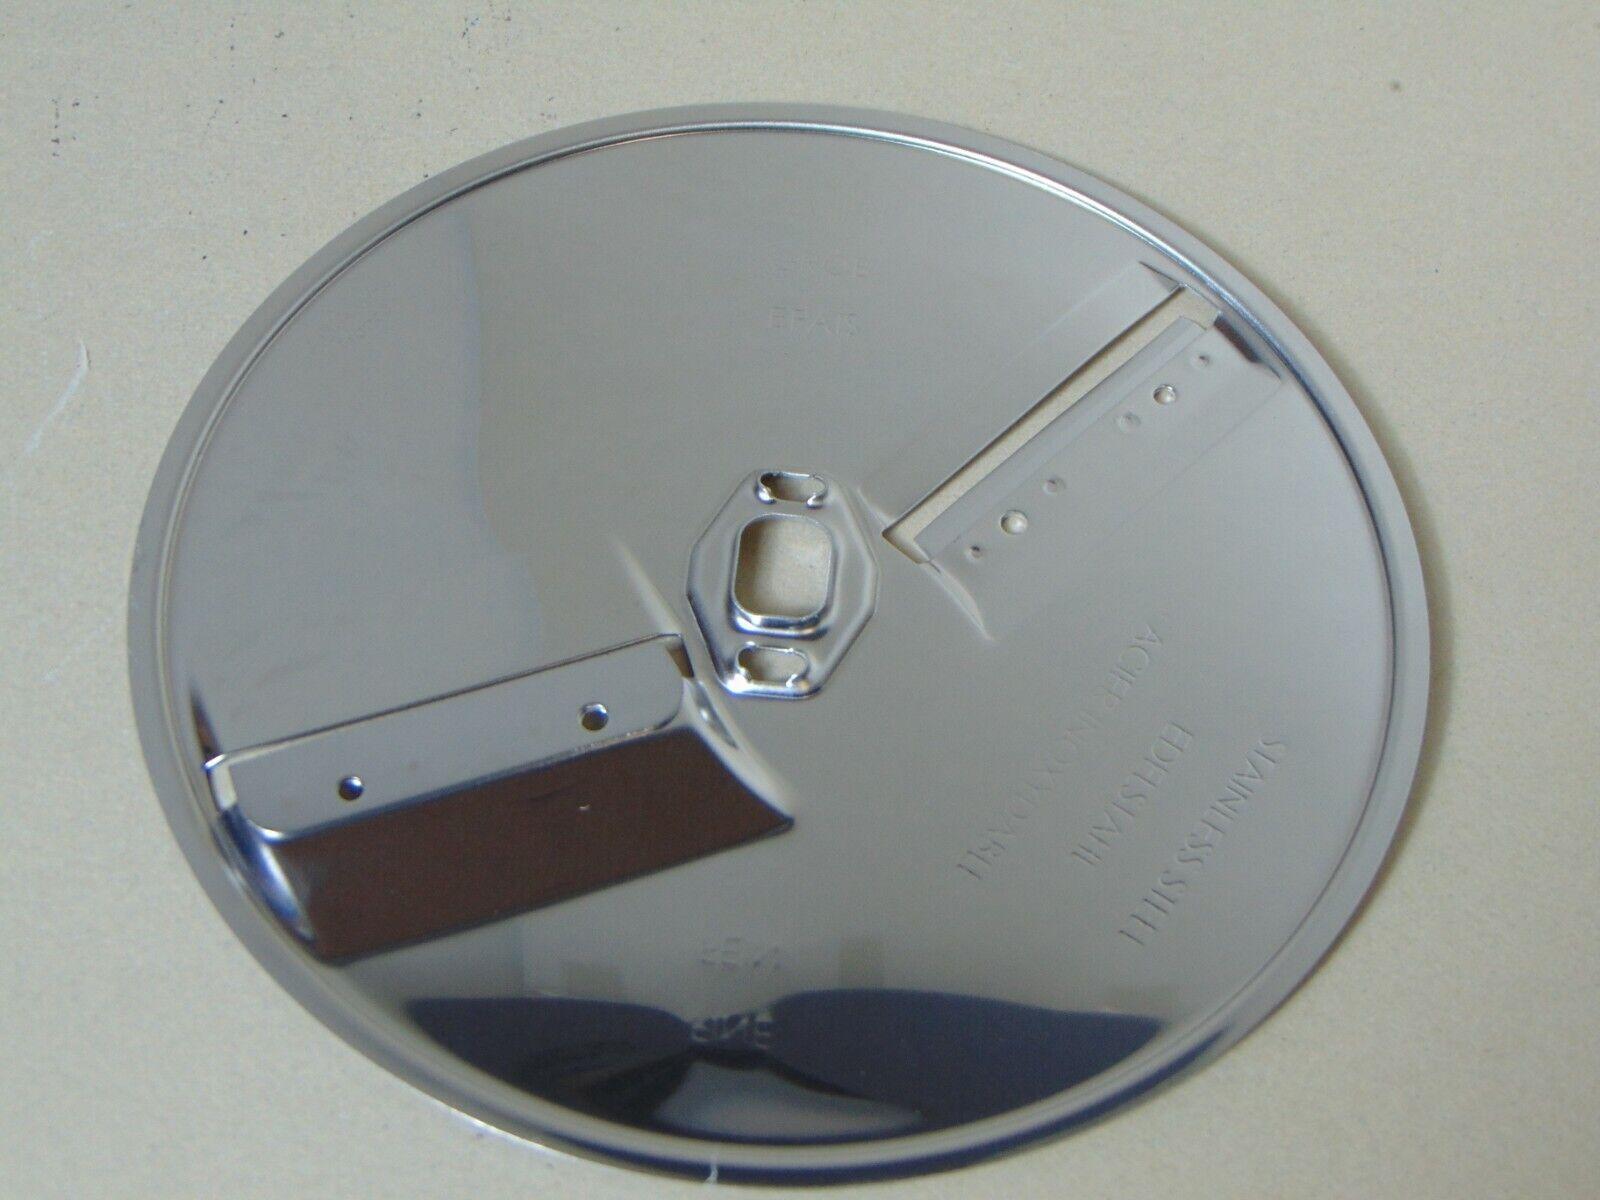 Original Ersatzteil für Bosch MUM4880 Küchenmaschine / Scheibe Edelstahl